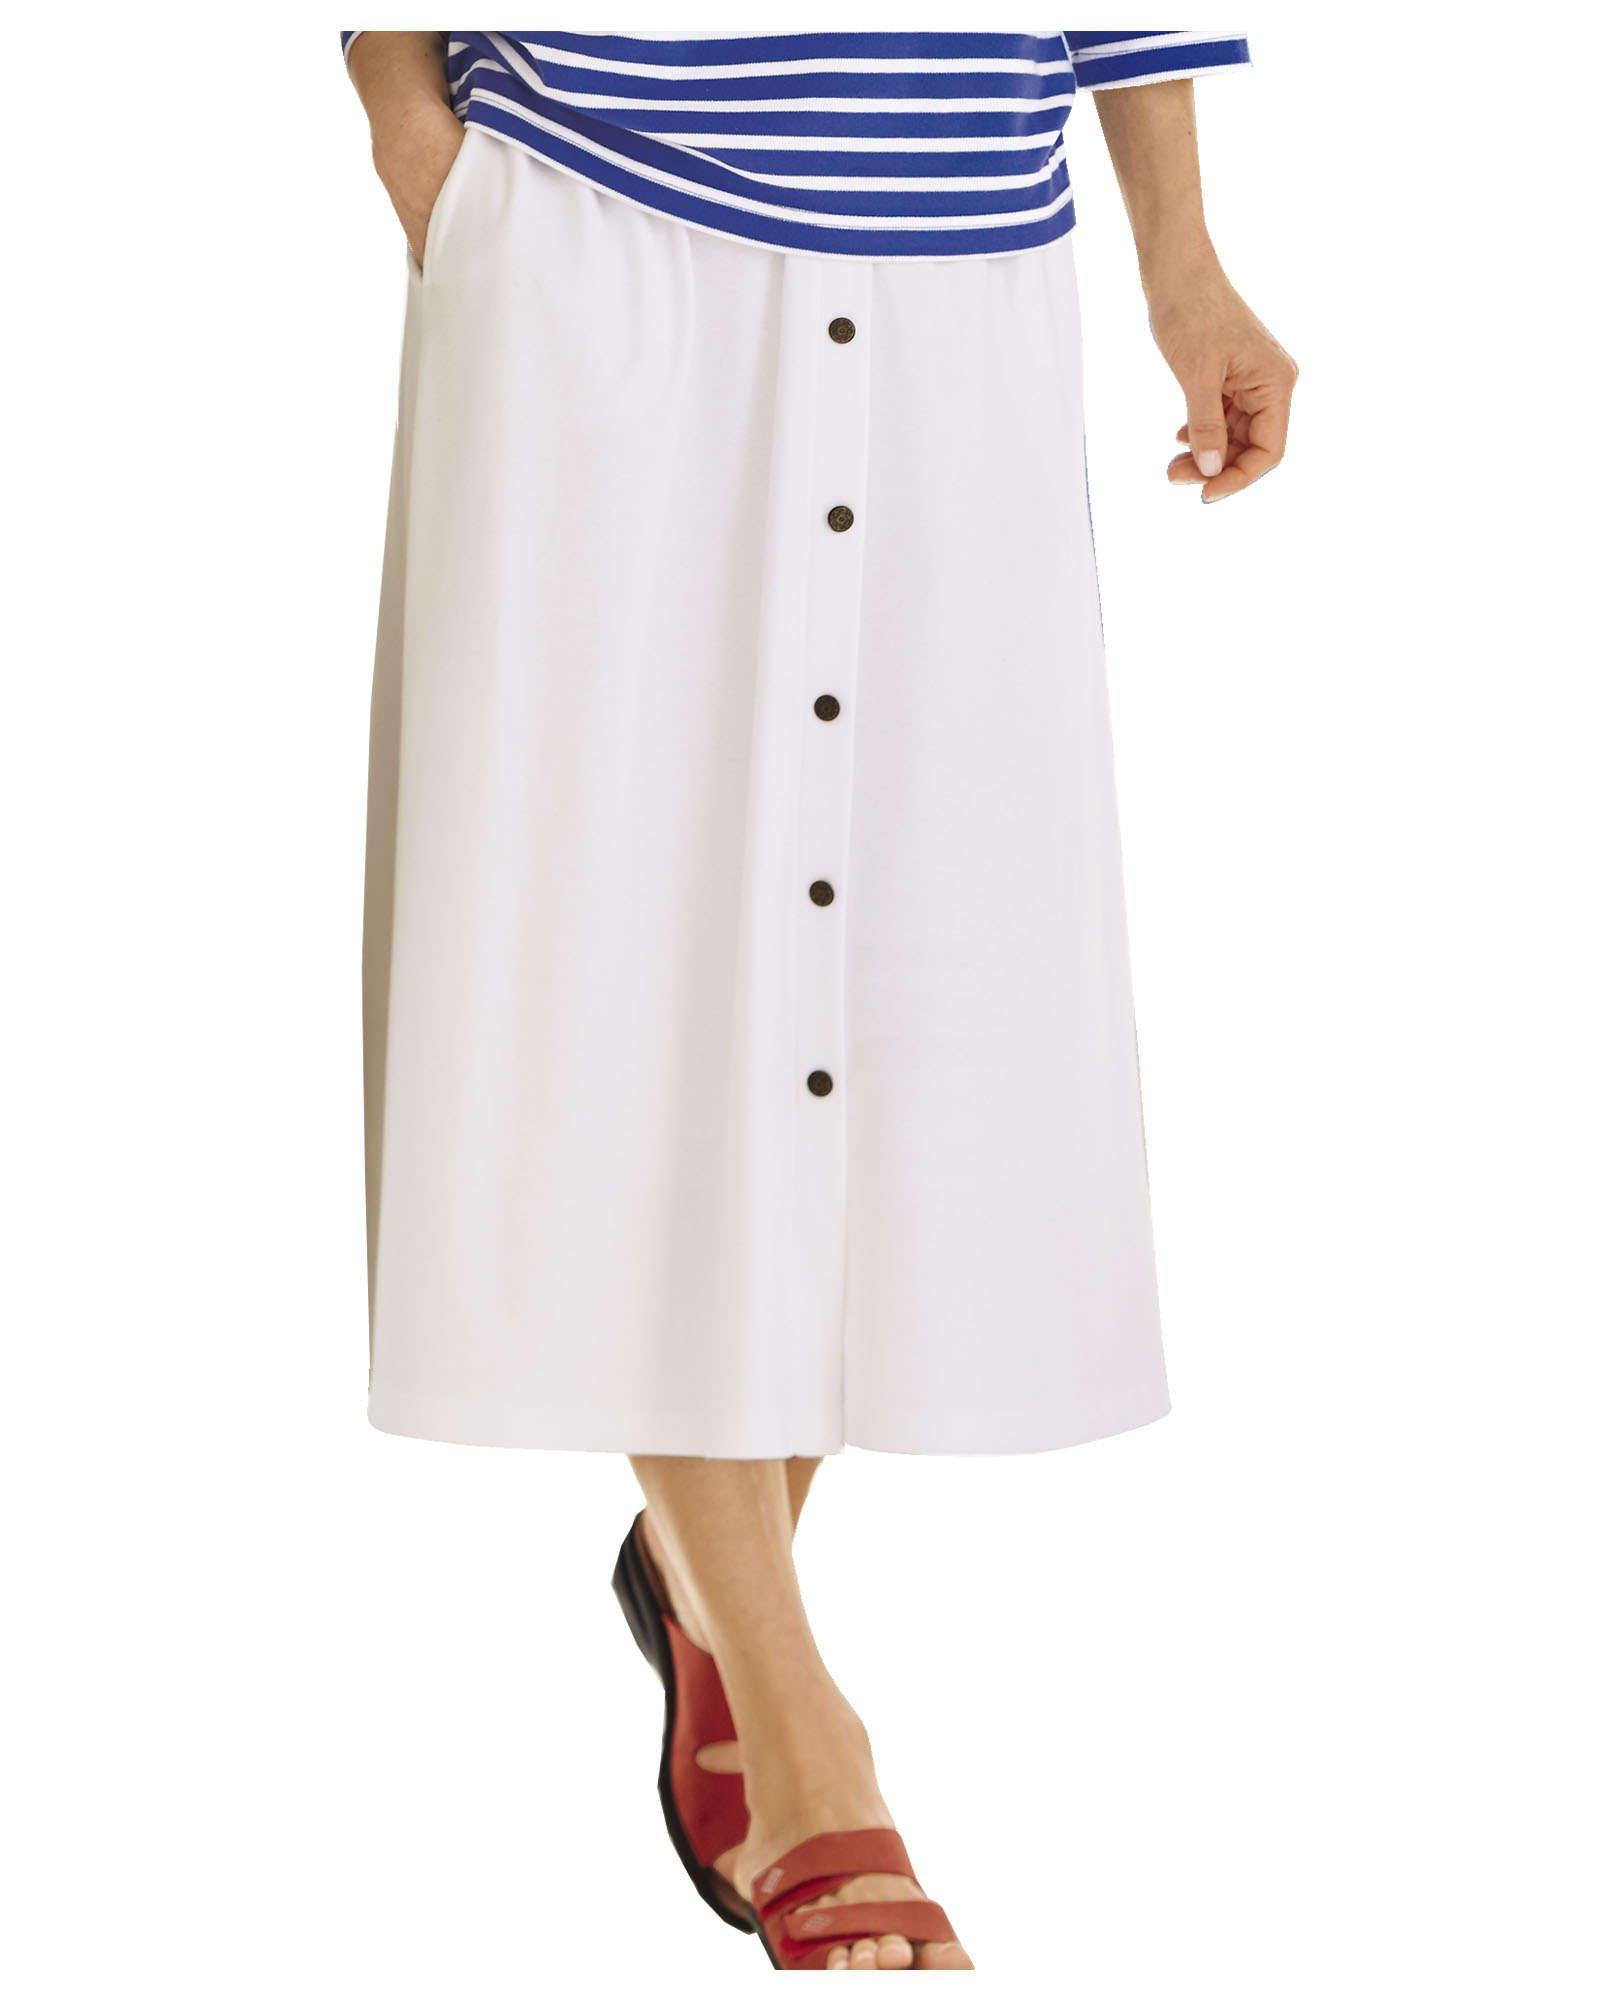 UltraSofts Fashion Knit Skirt, White, Petite Medium